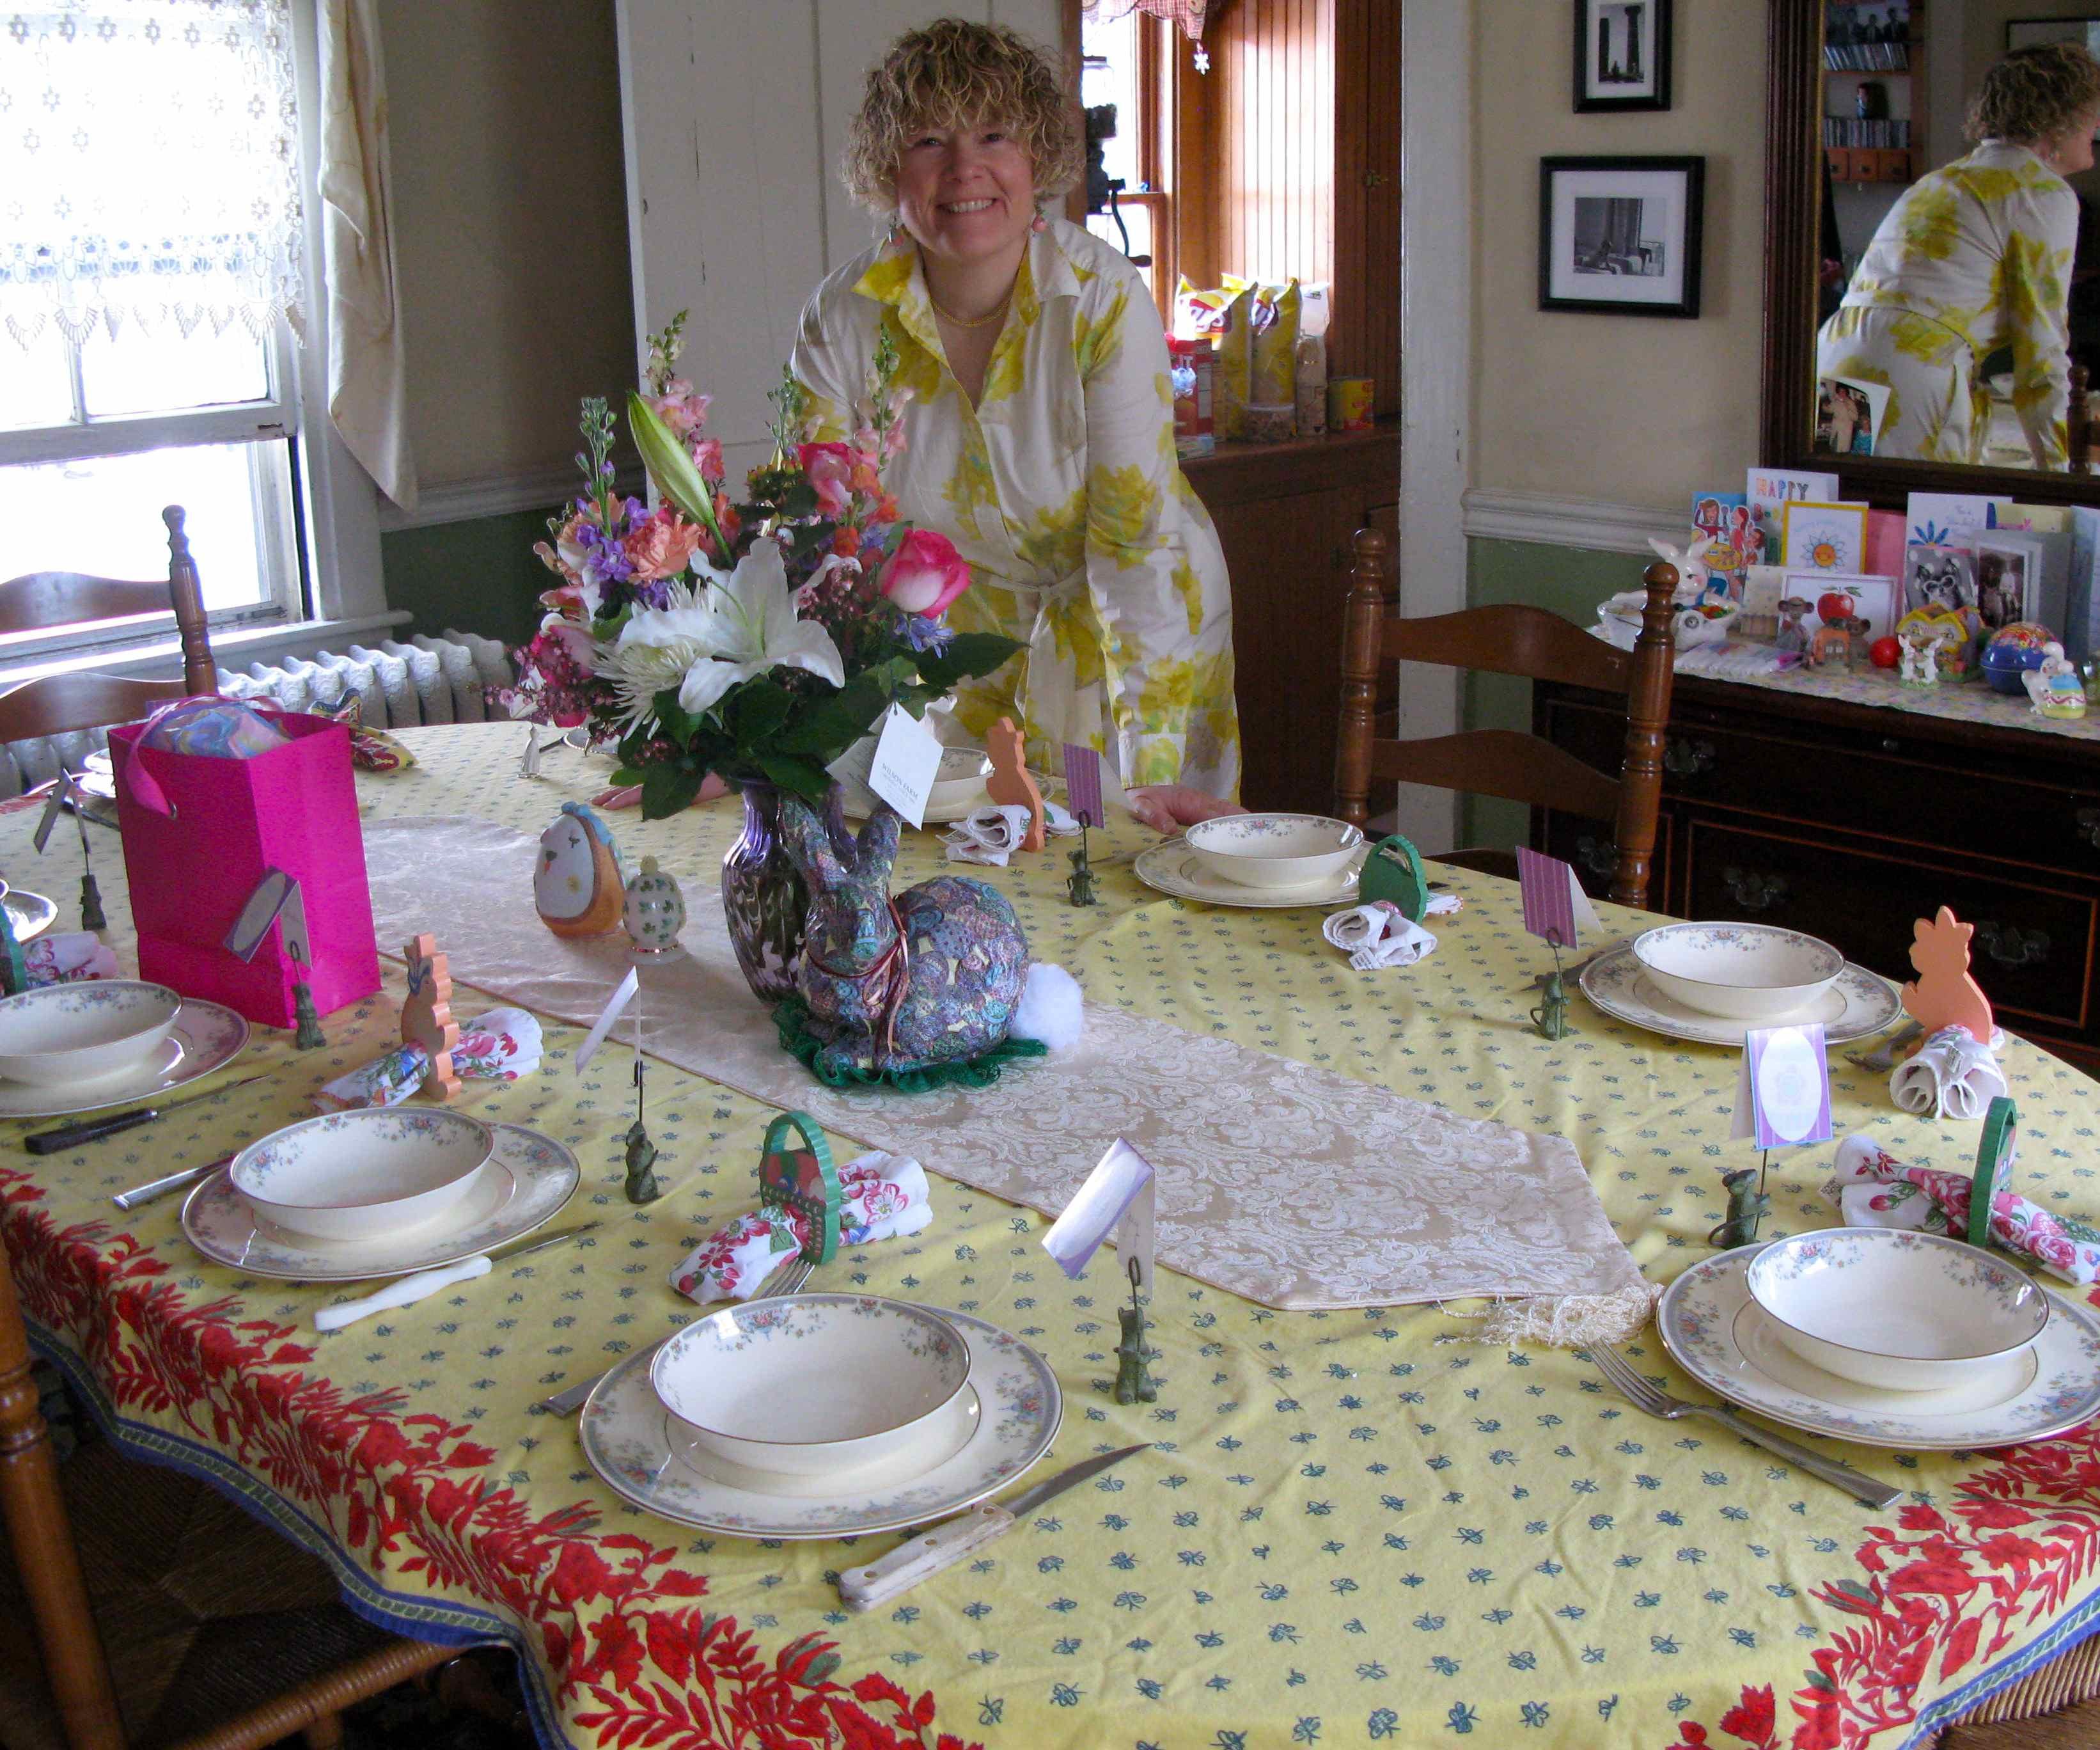 Easter Sunday Dinner Restaurants  Easter Dinner In The Dining Room Myrecipes